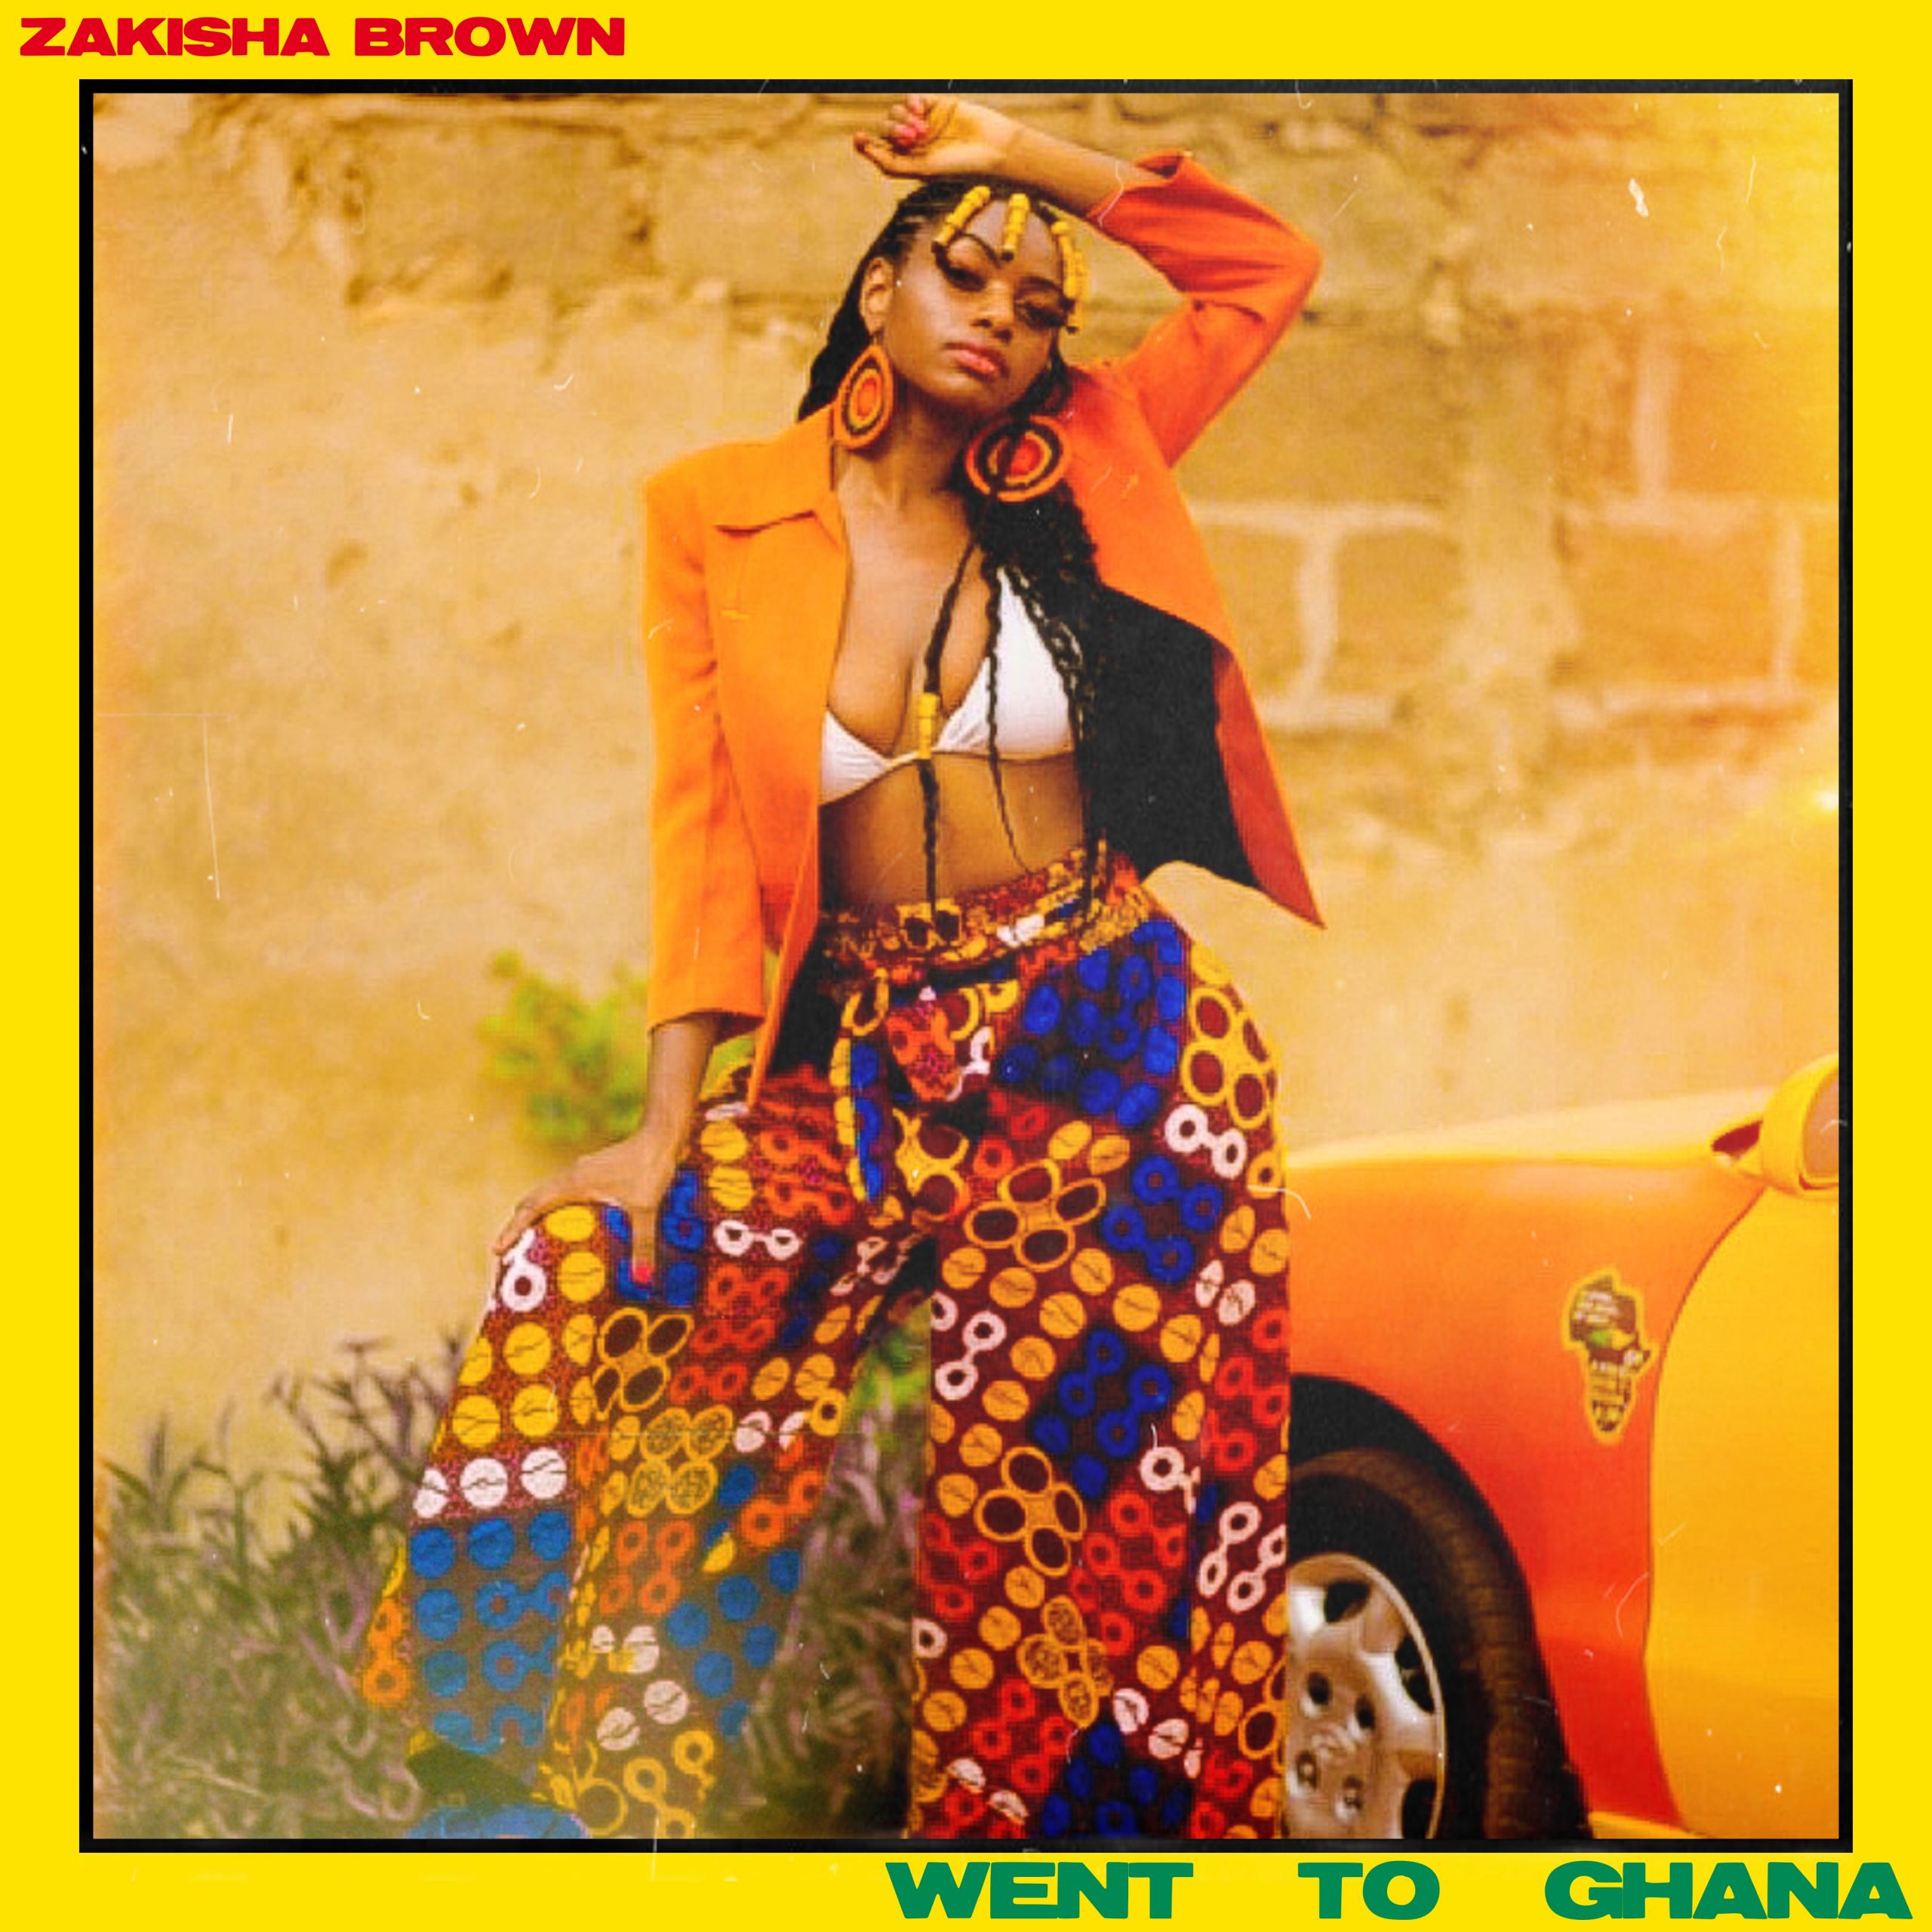 Zakisha – Went to Ghana